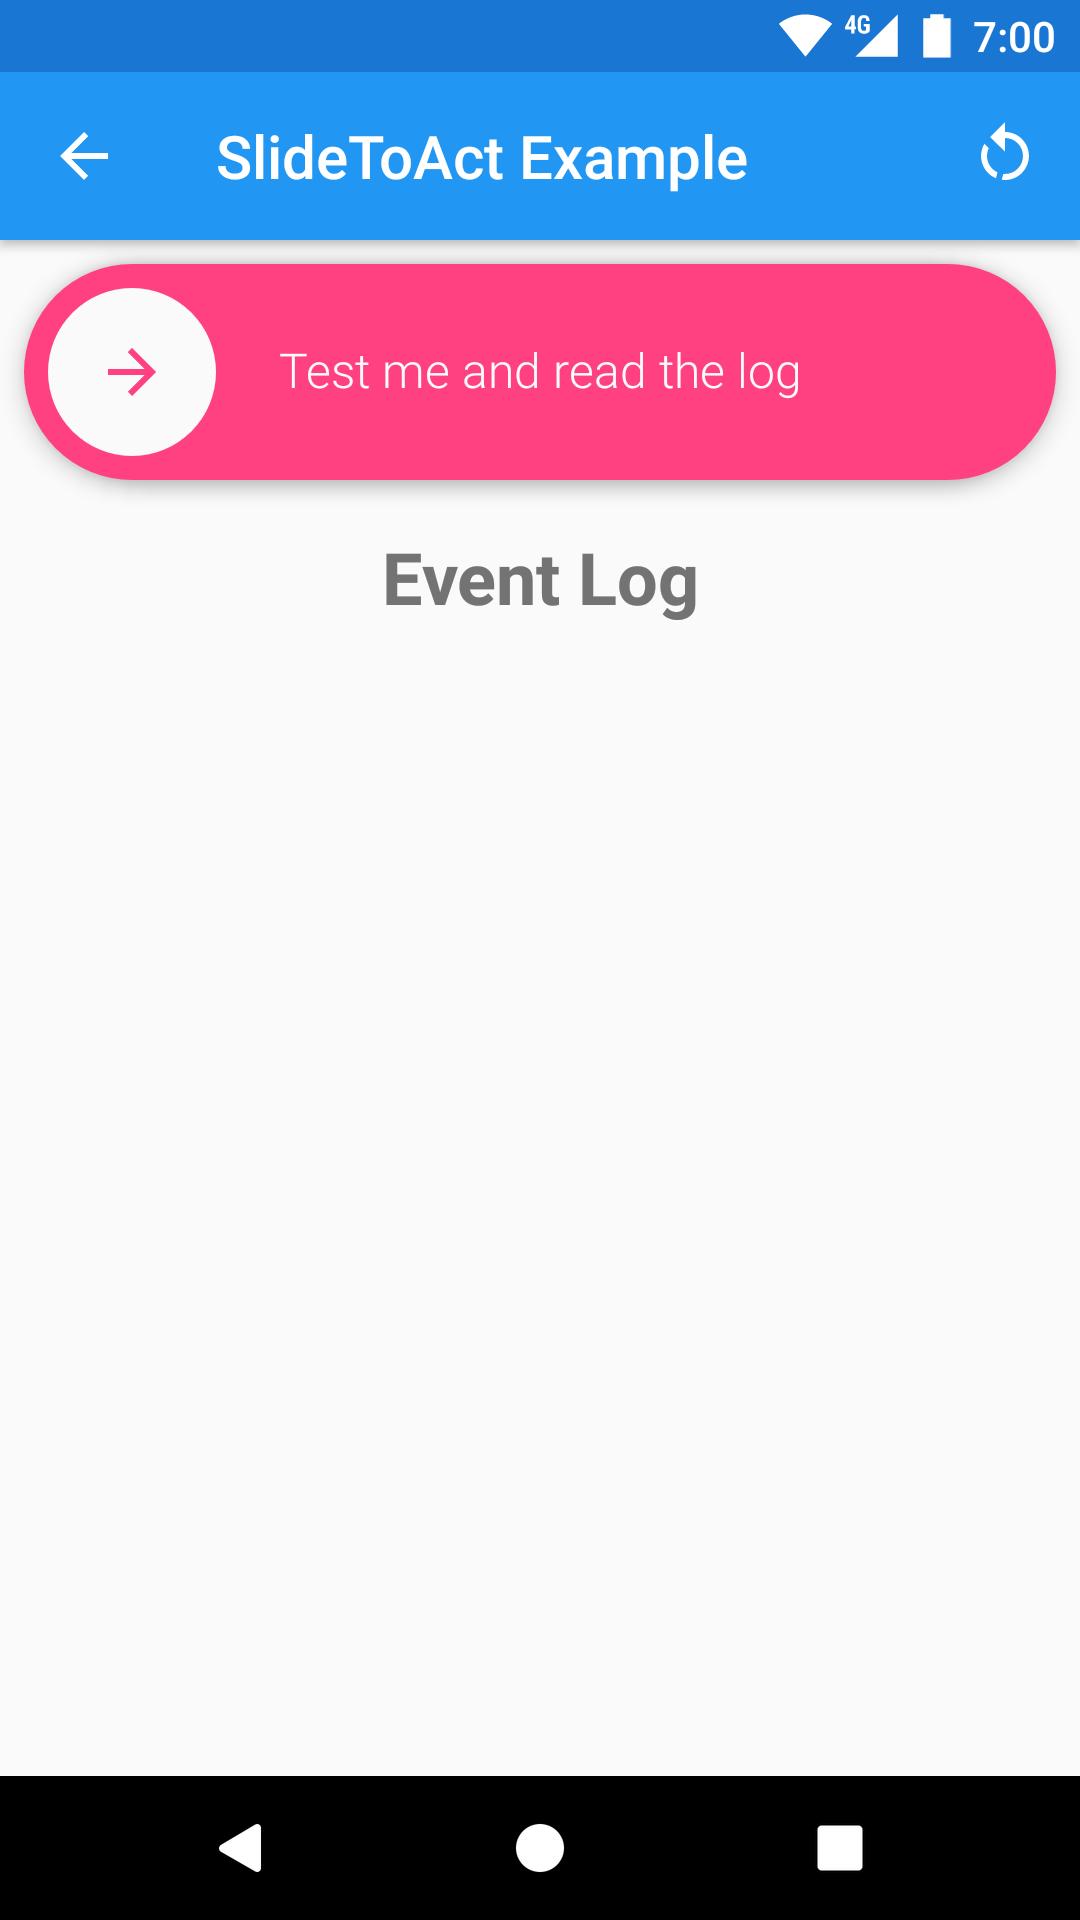 event_log